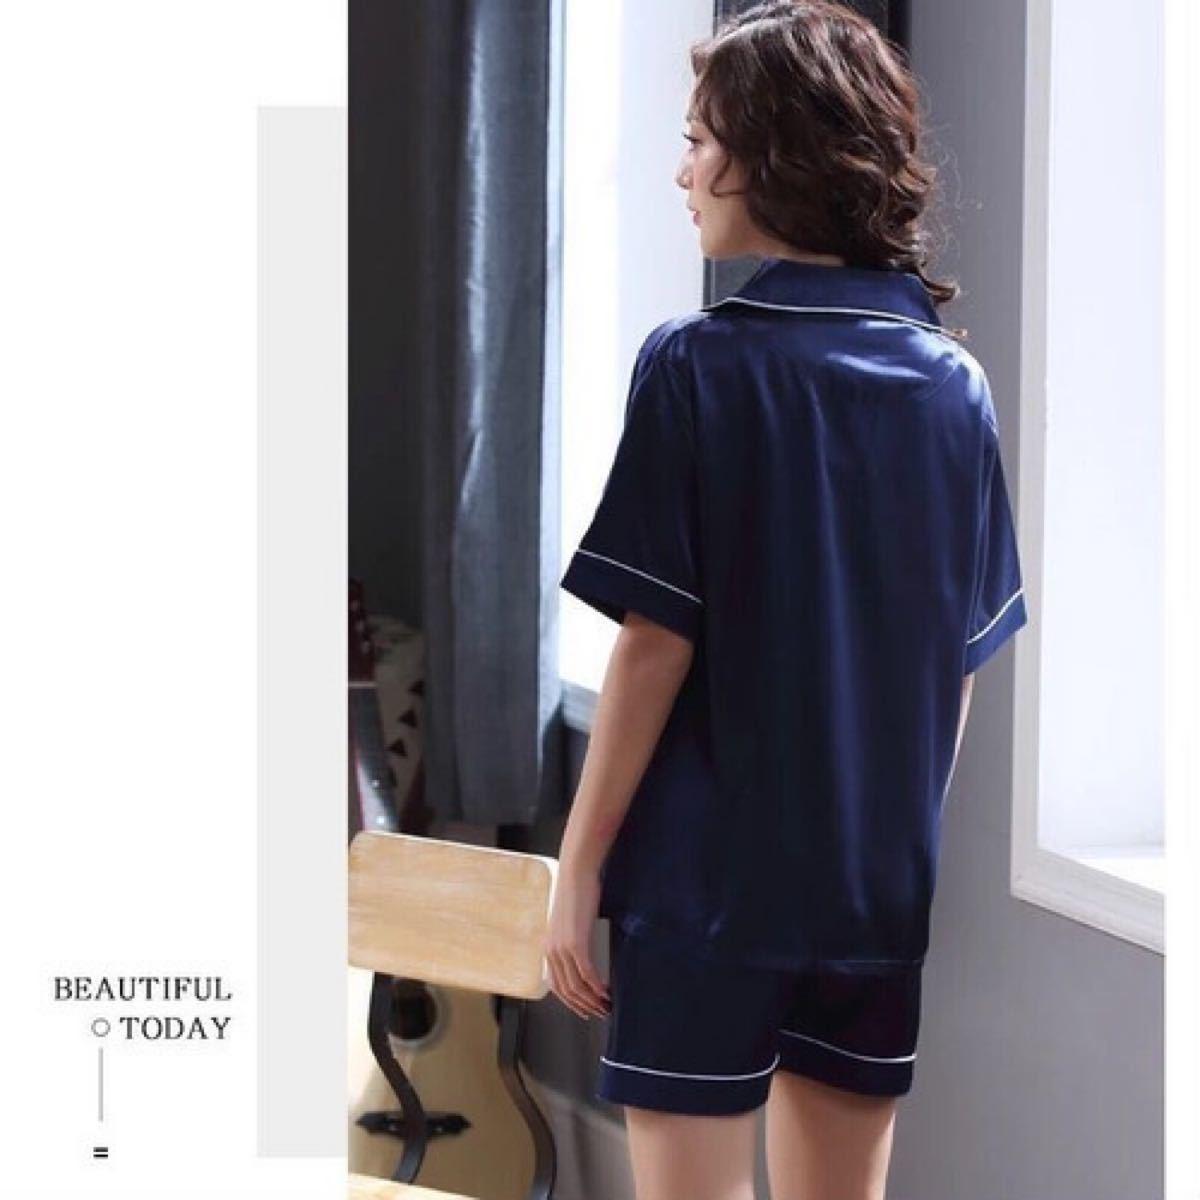 シャツパジャマ 半袖 シルクタッチ 涼感 ルームウェア 前開き ショートパンツ